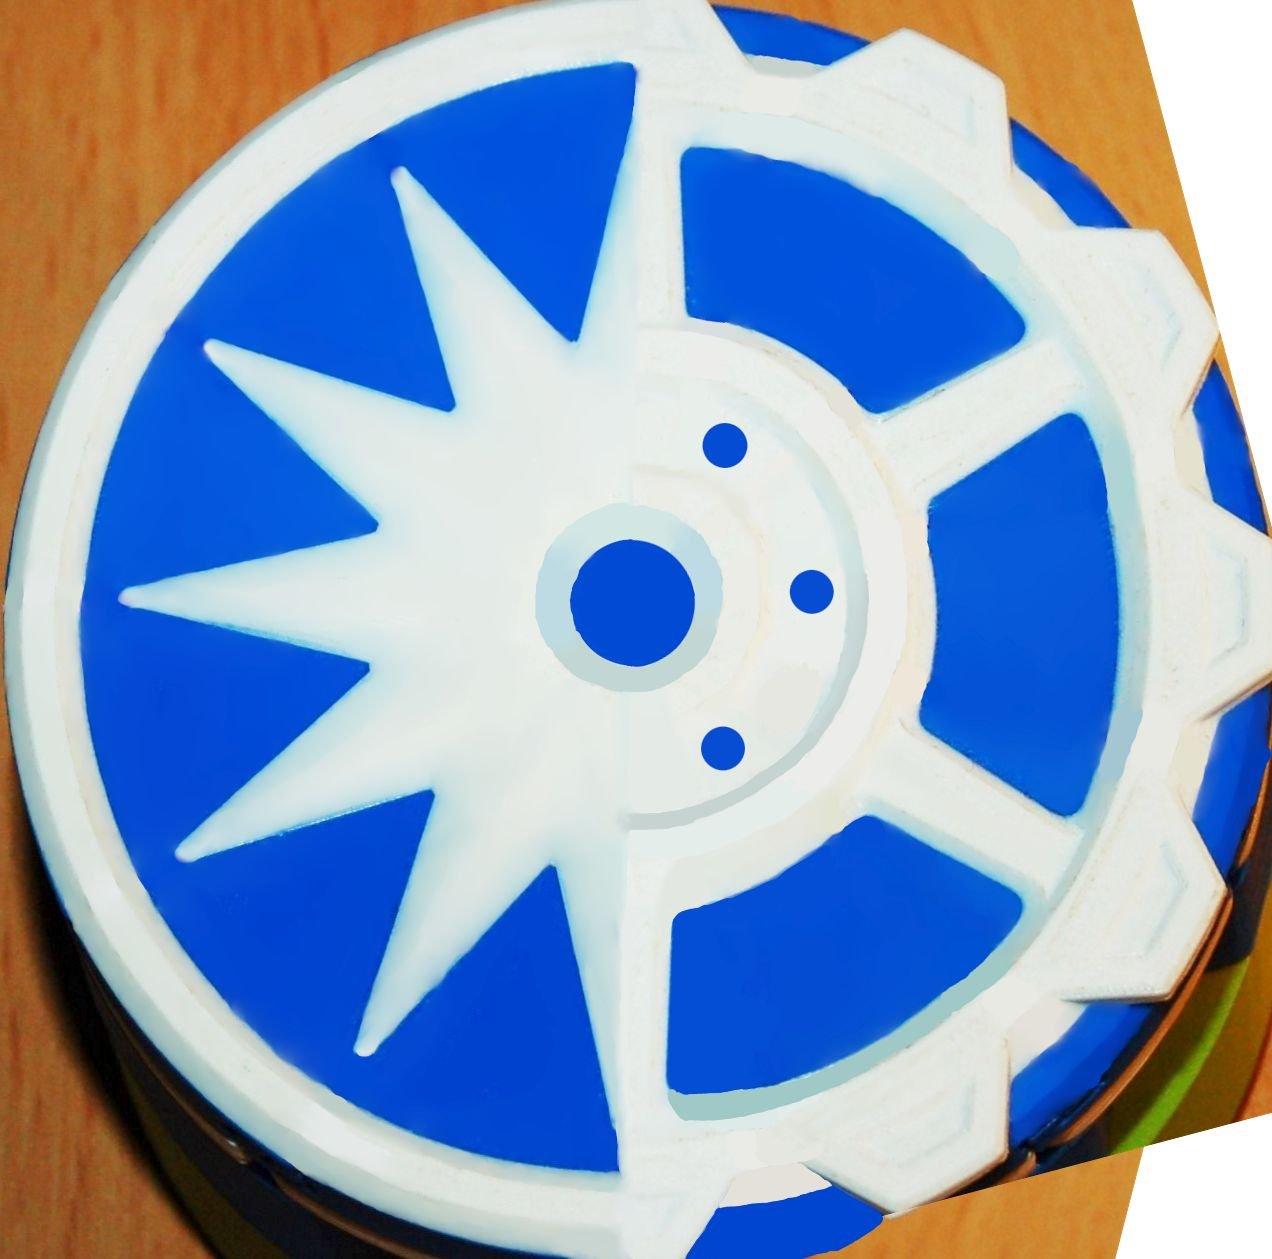 Snapmaker 2.0 A150 Enclosure Spool holder lift